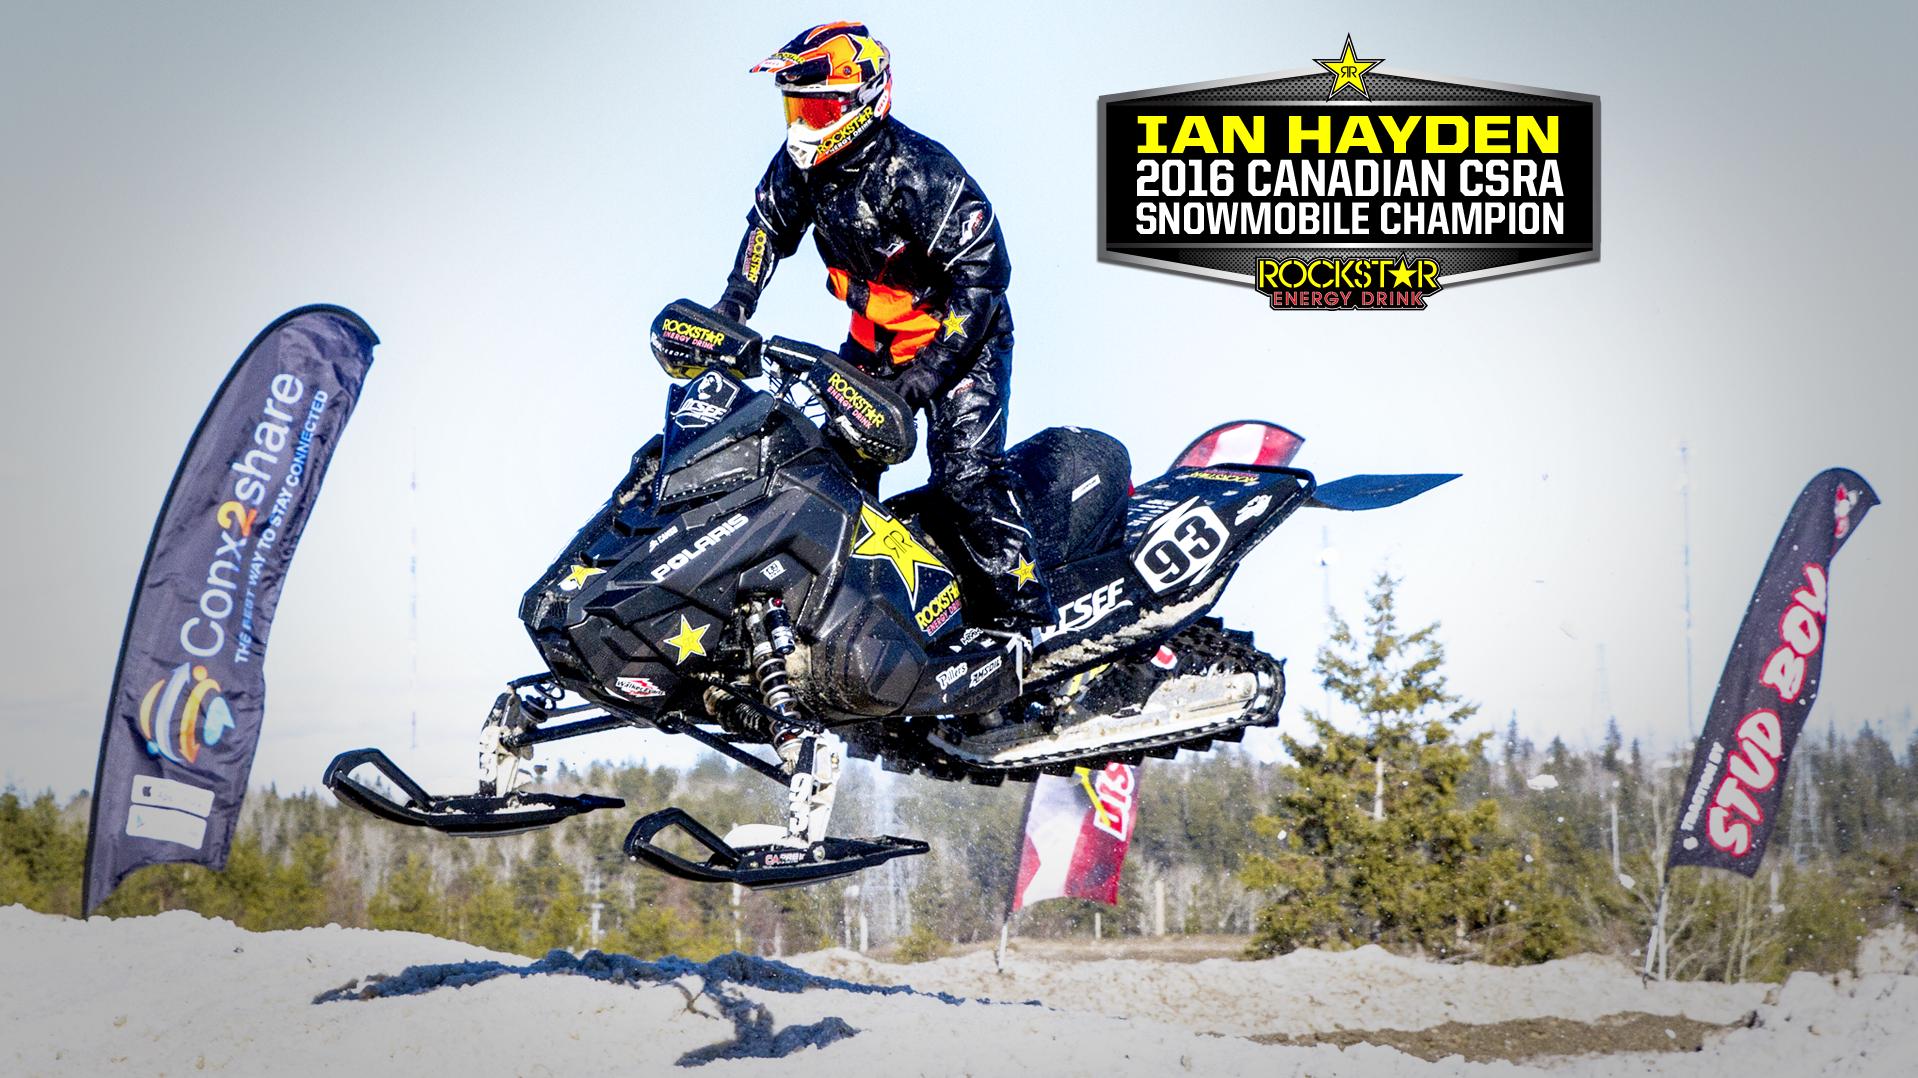 Congratulations Ian Hayden